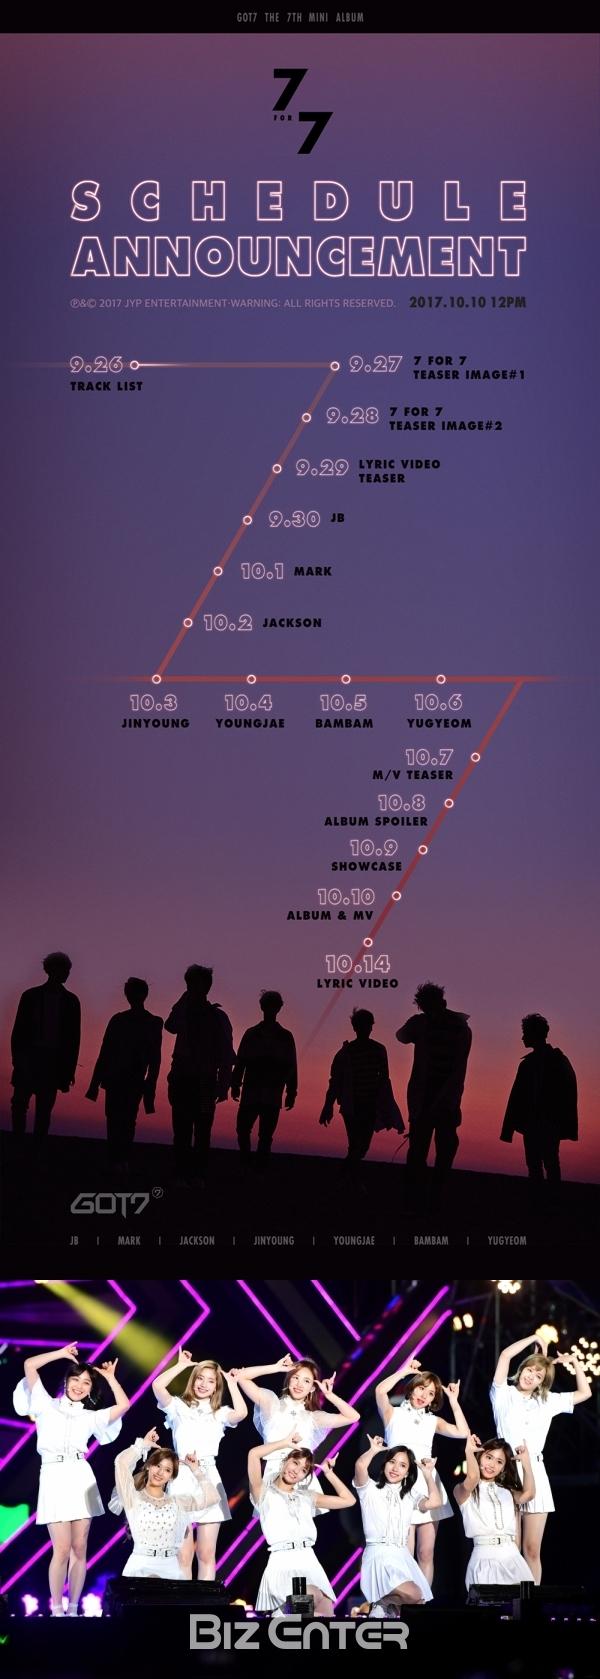 ▲갓세븐 스케줄 공지, 트와이스(사진=JYP엔터테인먼트, 비즈엔터)